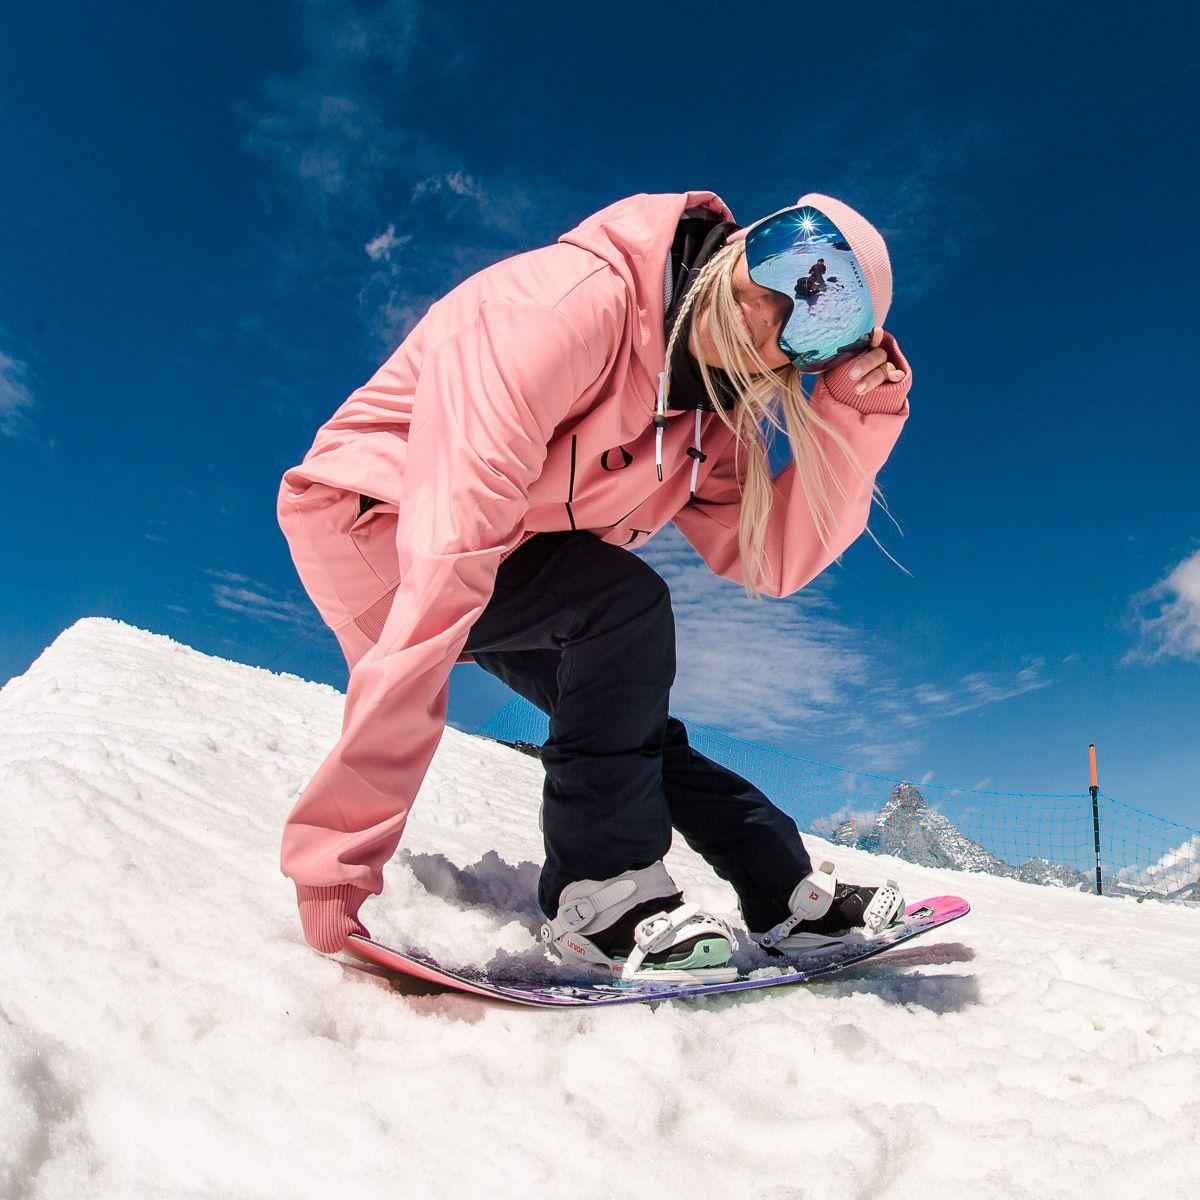 Картинки сноубордисты девушки